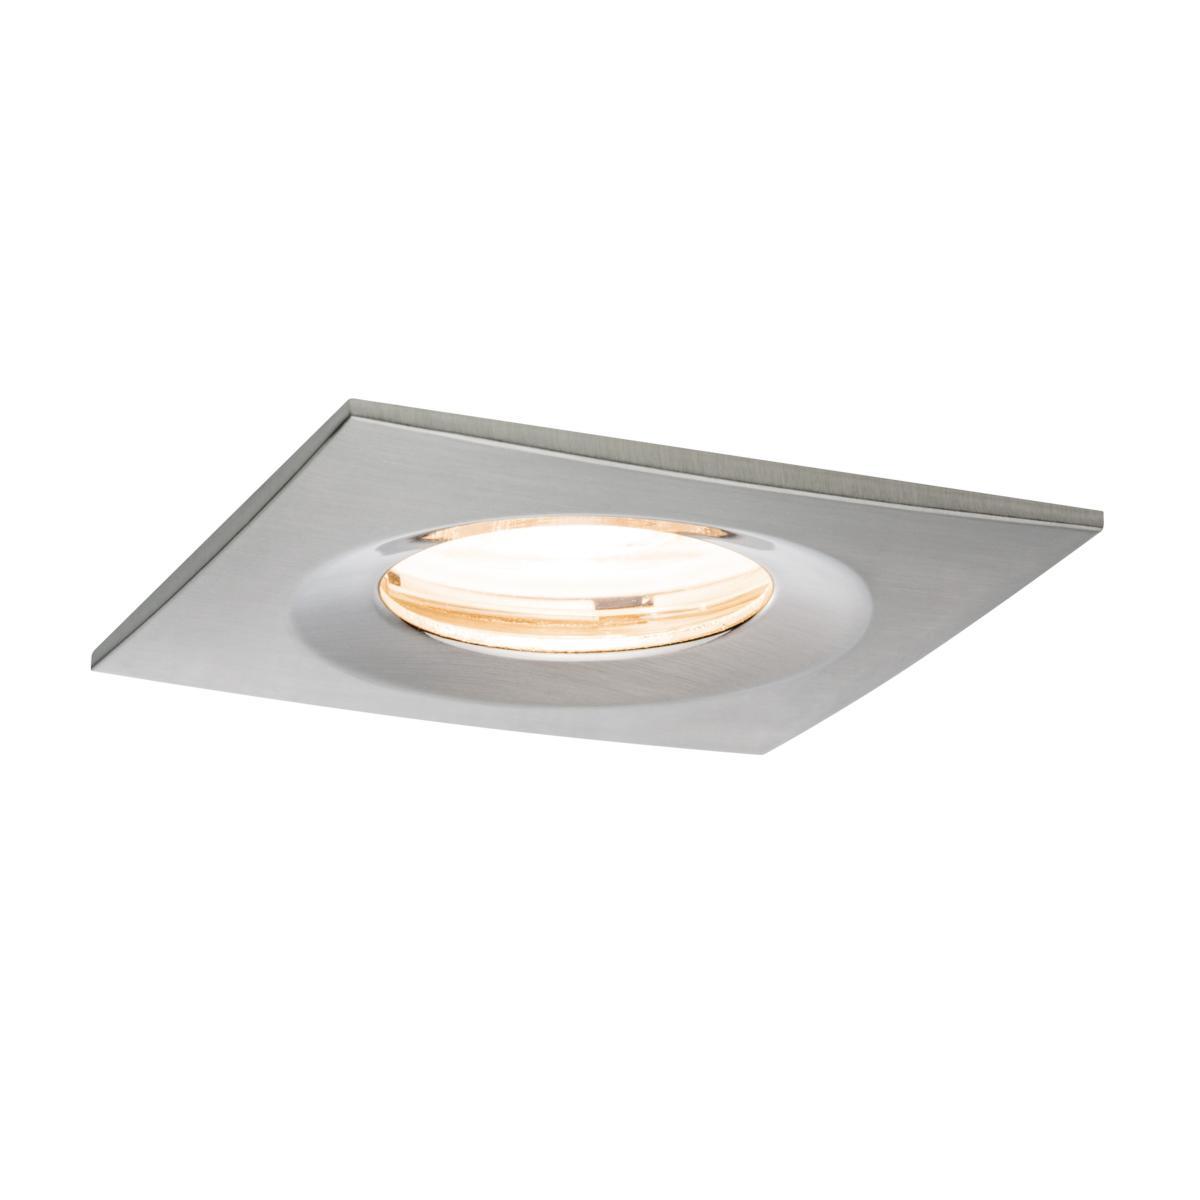 spot led ip65 encastrable dimmable acier carr 7w 230v. Black Bedroom Furniture Sets. Home Design Ideas